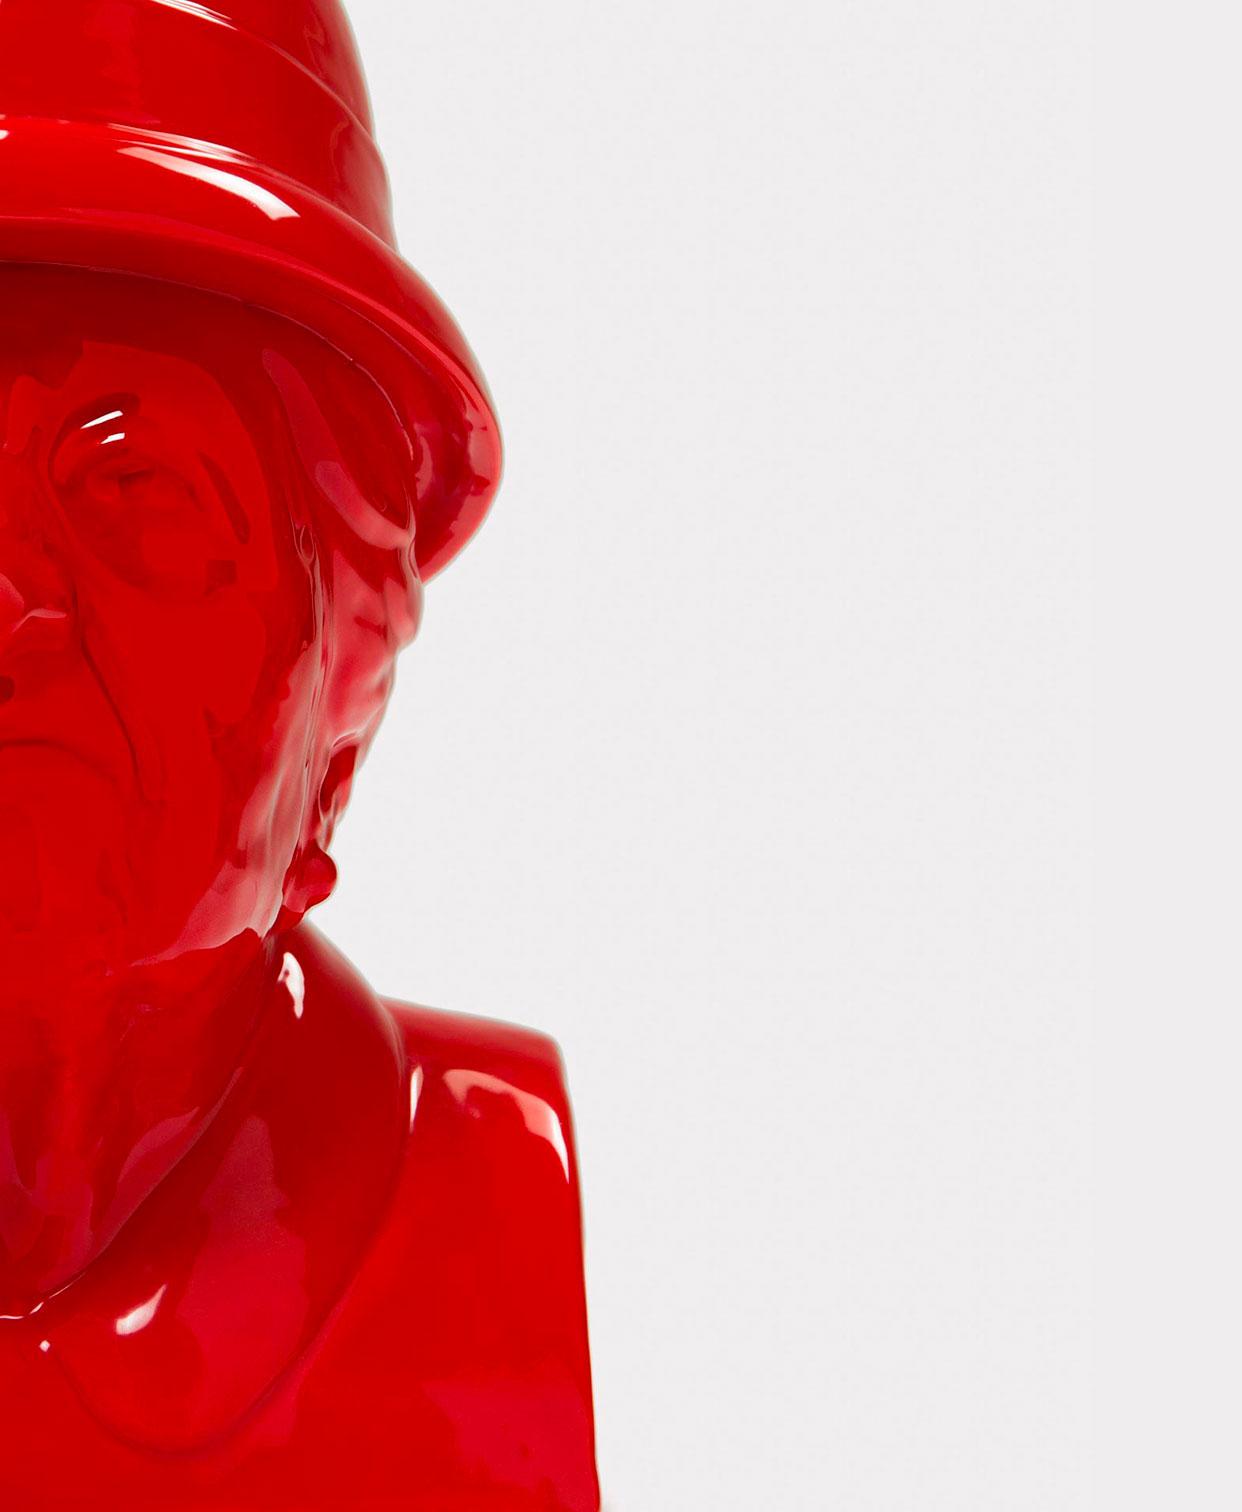 jimmy d lanza gisella rosso loopo milano design F